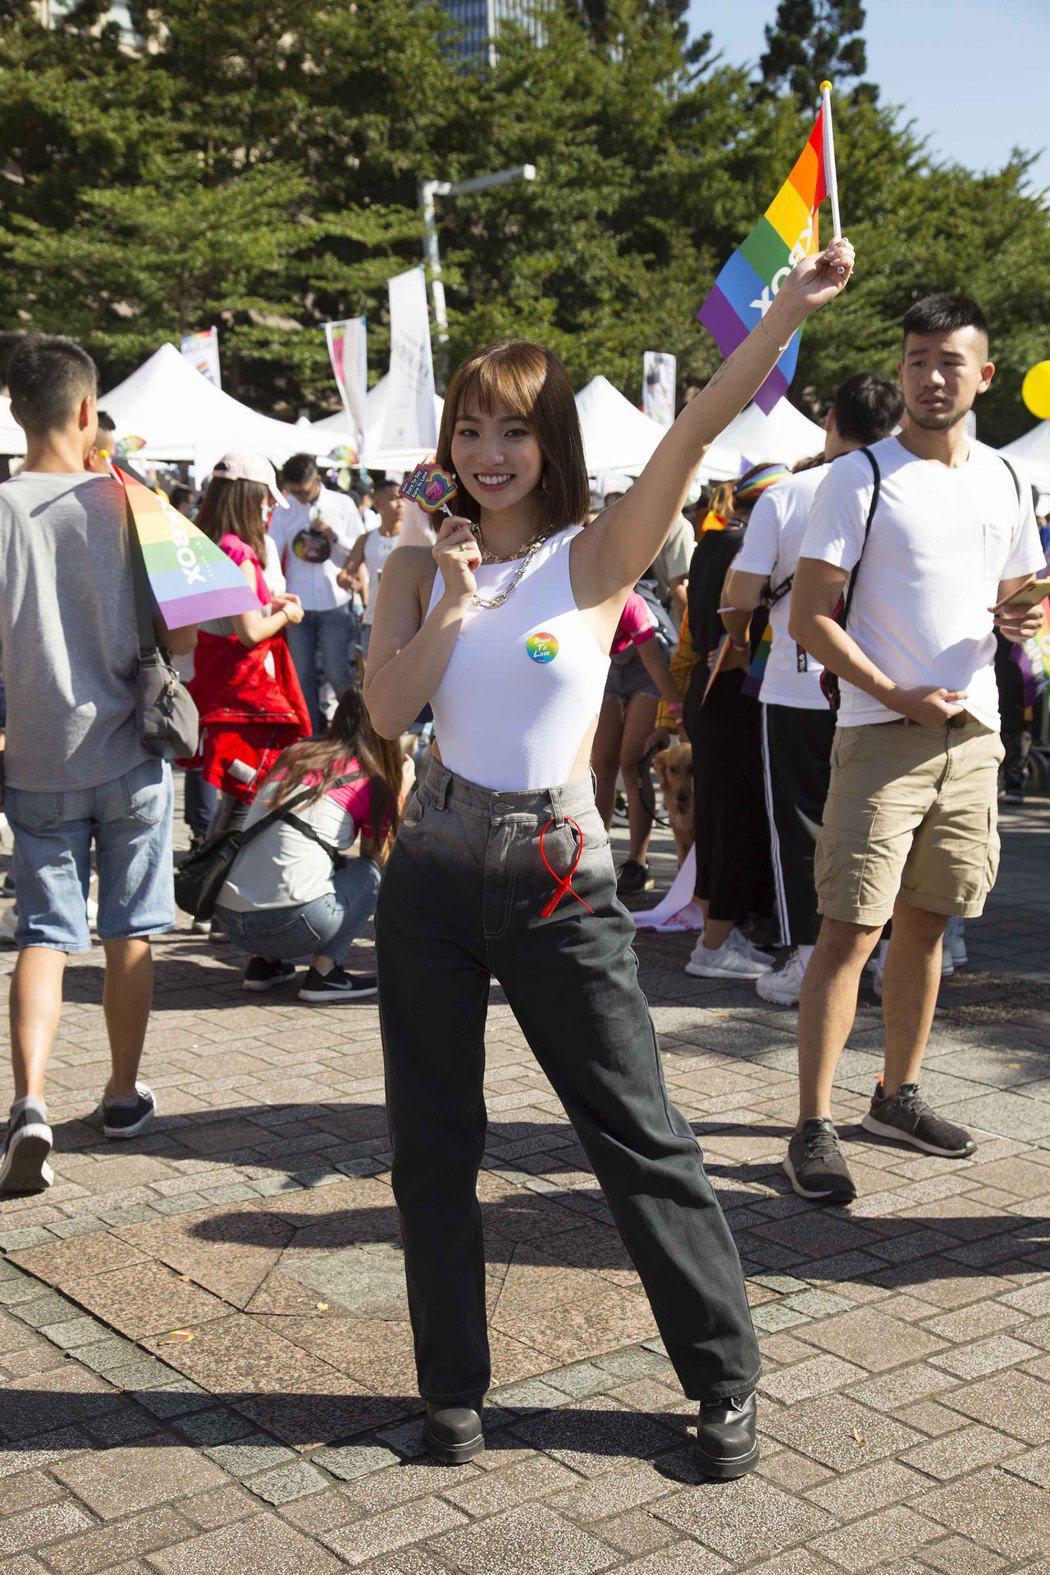 陳芳語穿著白T在胸前2點僅貼上彩虹貼紙,給同志朋友雙倍支持。圖/華風數位提供